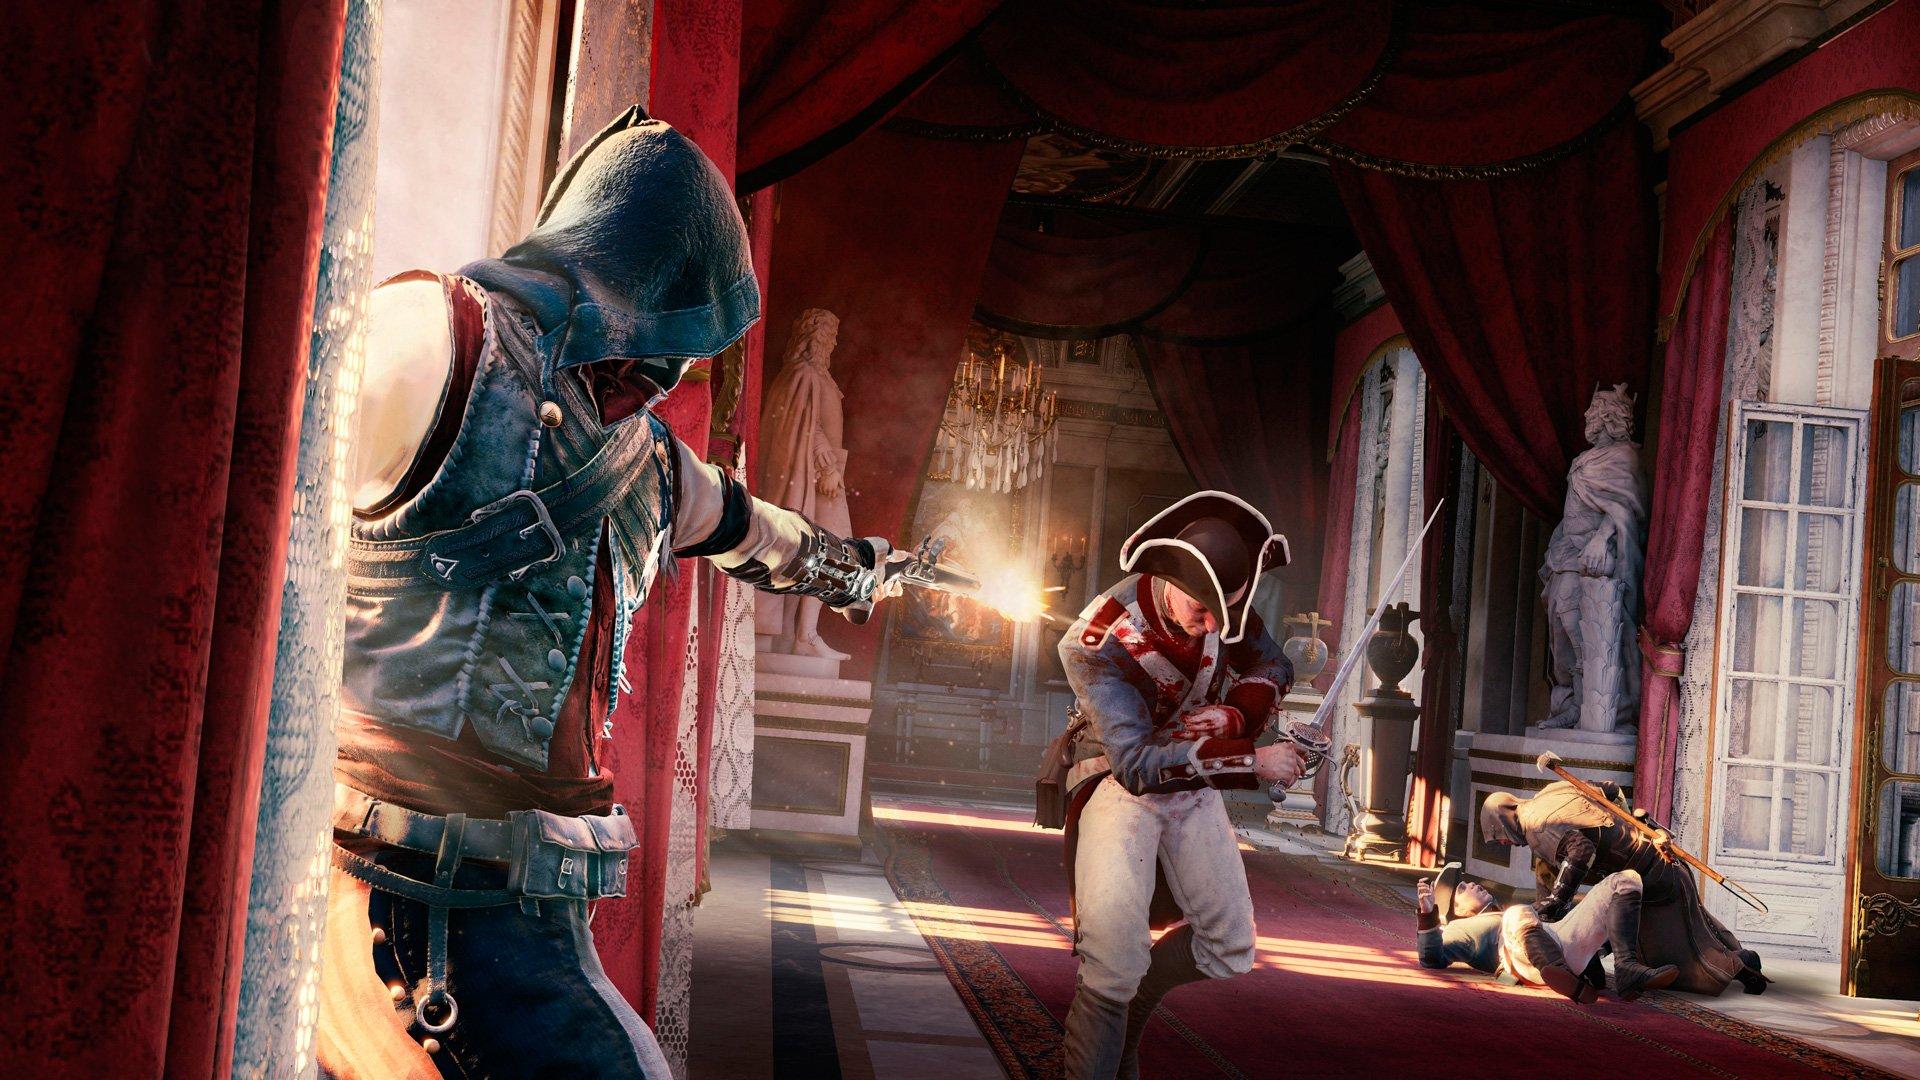 Скриншоты Assassin's Creed: Unity в 4K. - Изображение 1